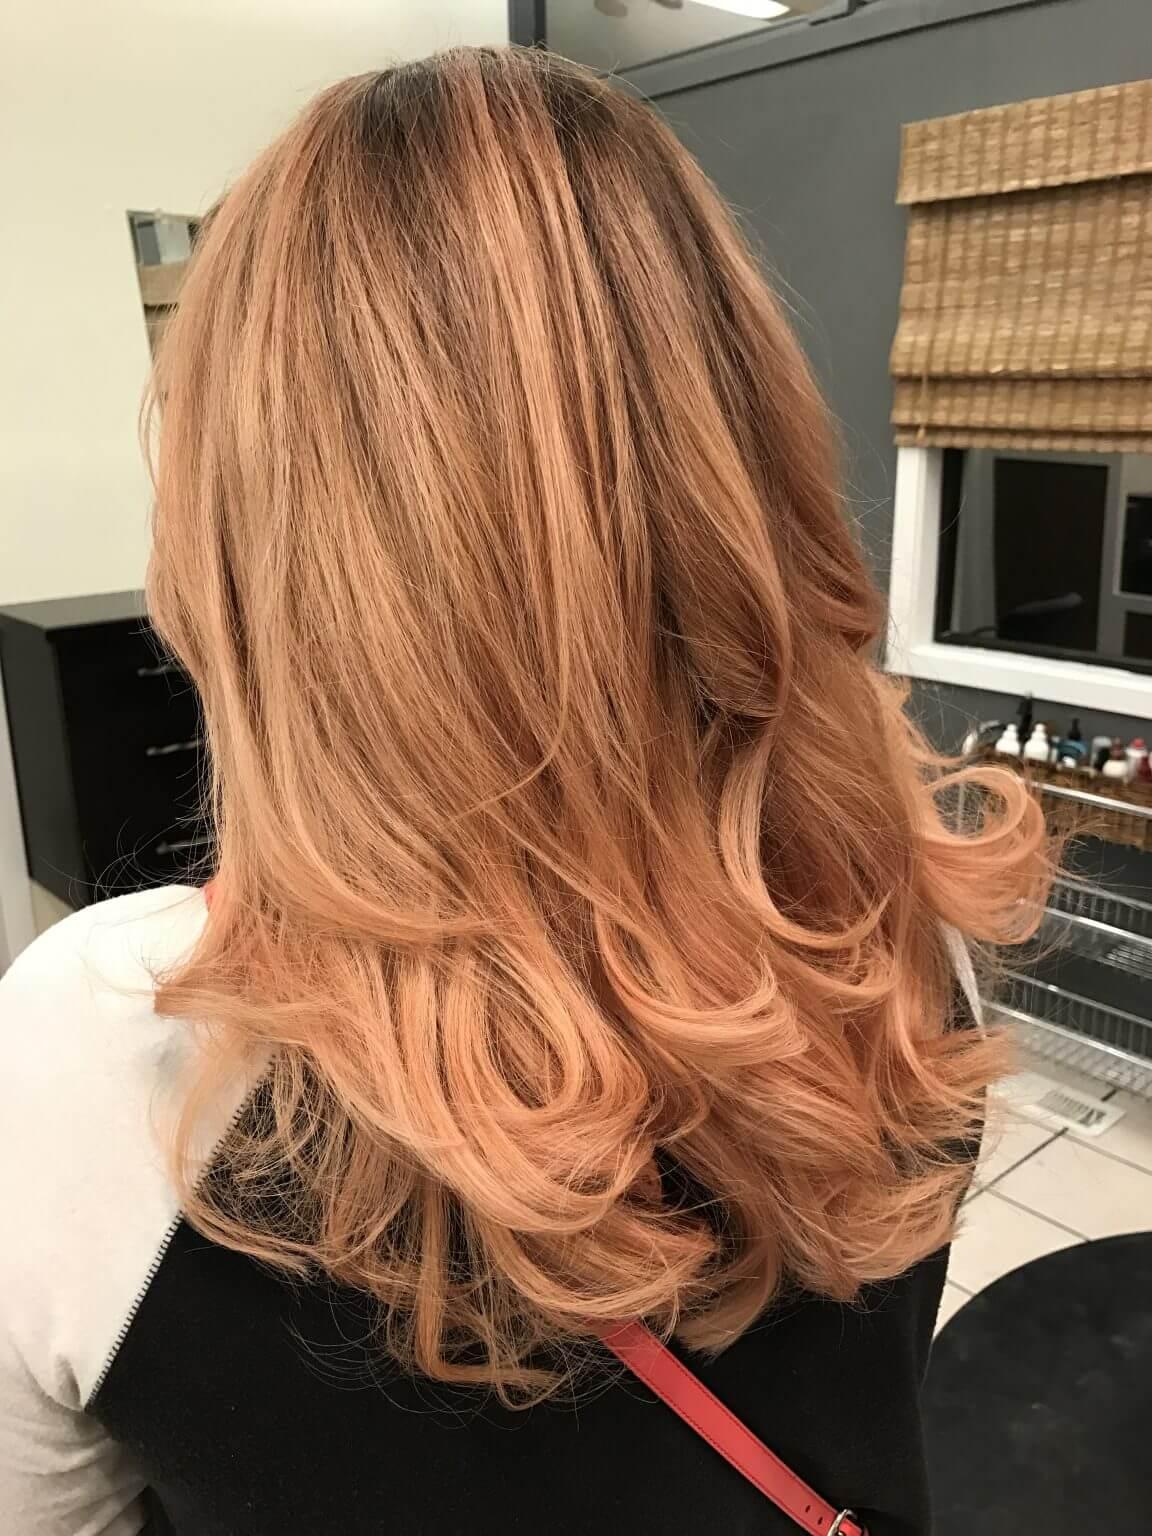 BRISTLES Charlottesville's Top Class Hair & Beauty Salon